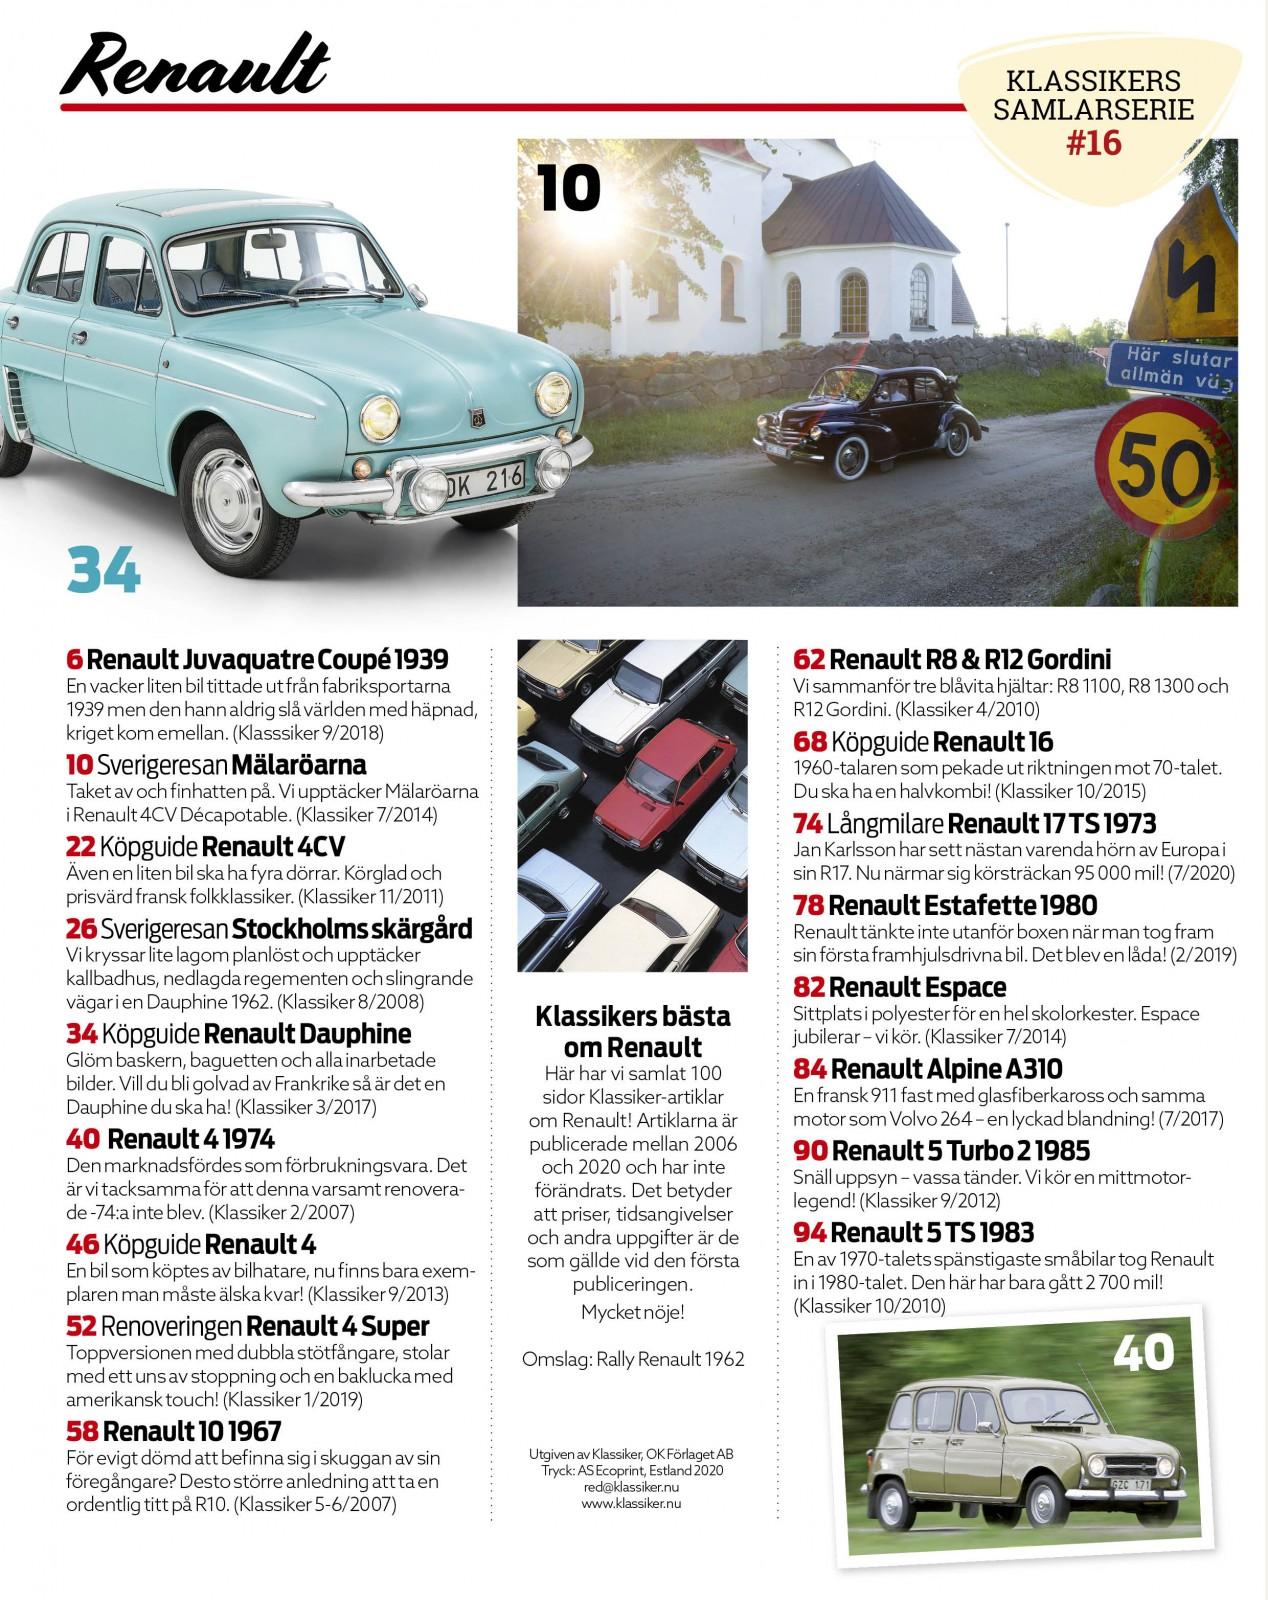 Renault – exklusiv samlarutgåva från Klassiker!